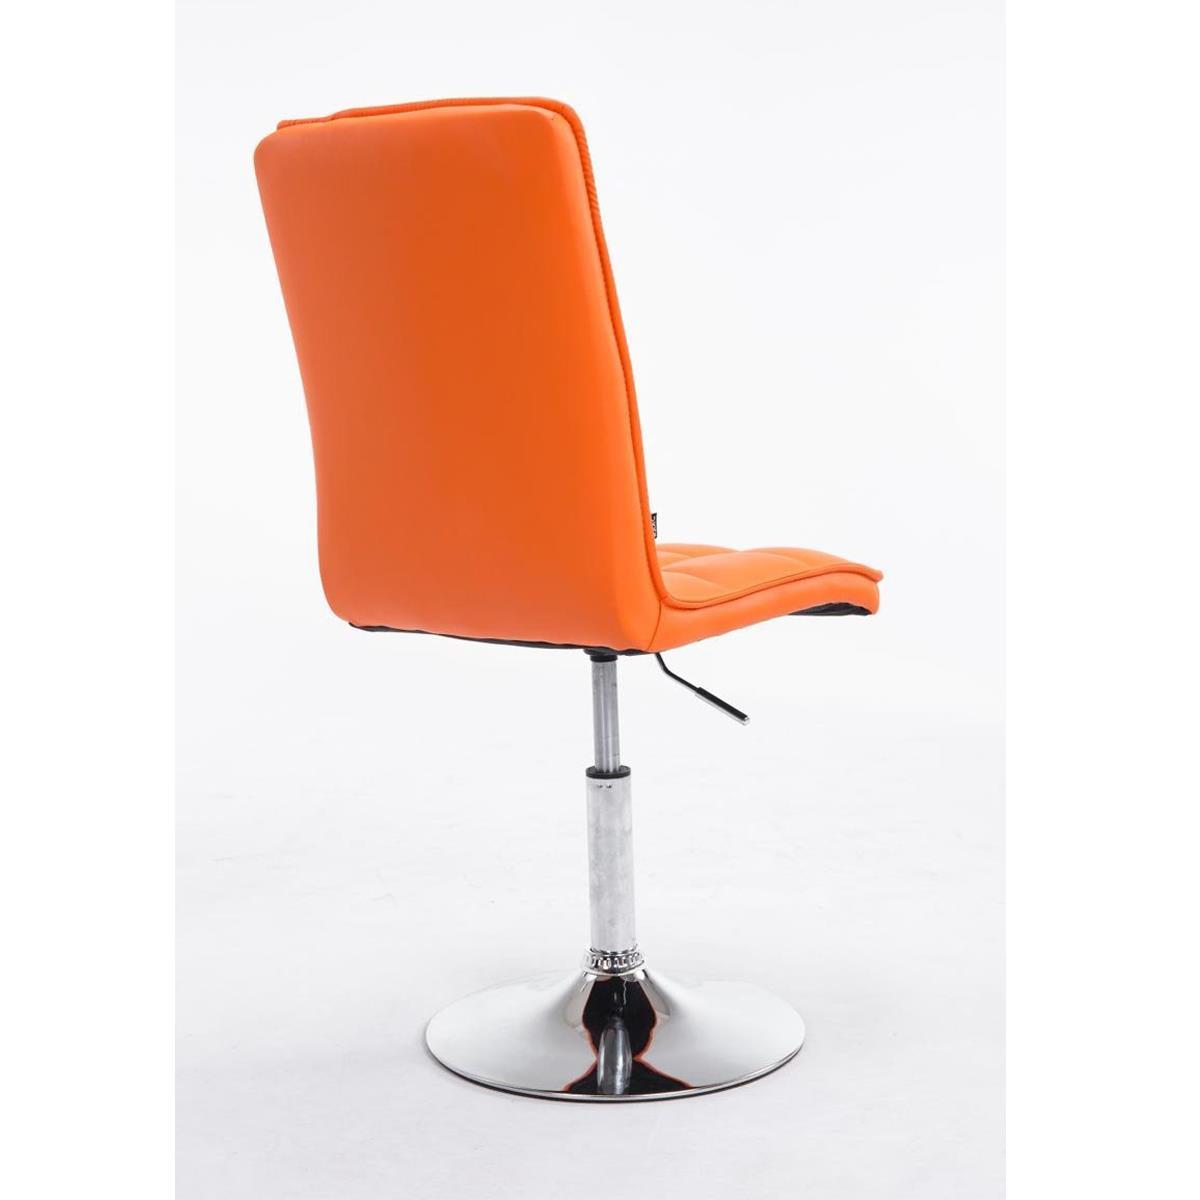 Conjunto de 4 sillas de comedor o cocina osuna piel en - Sillas comedor piel ...